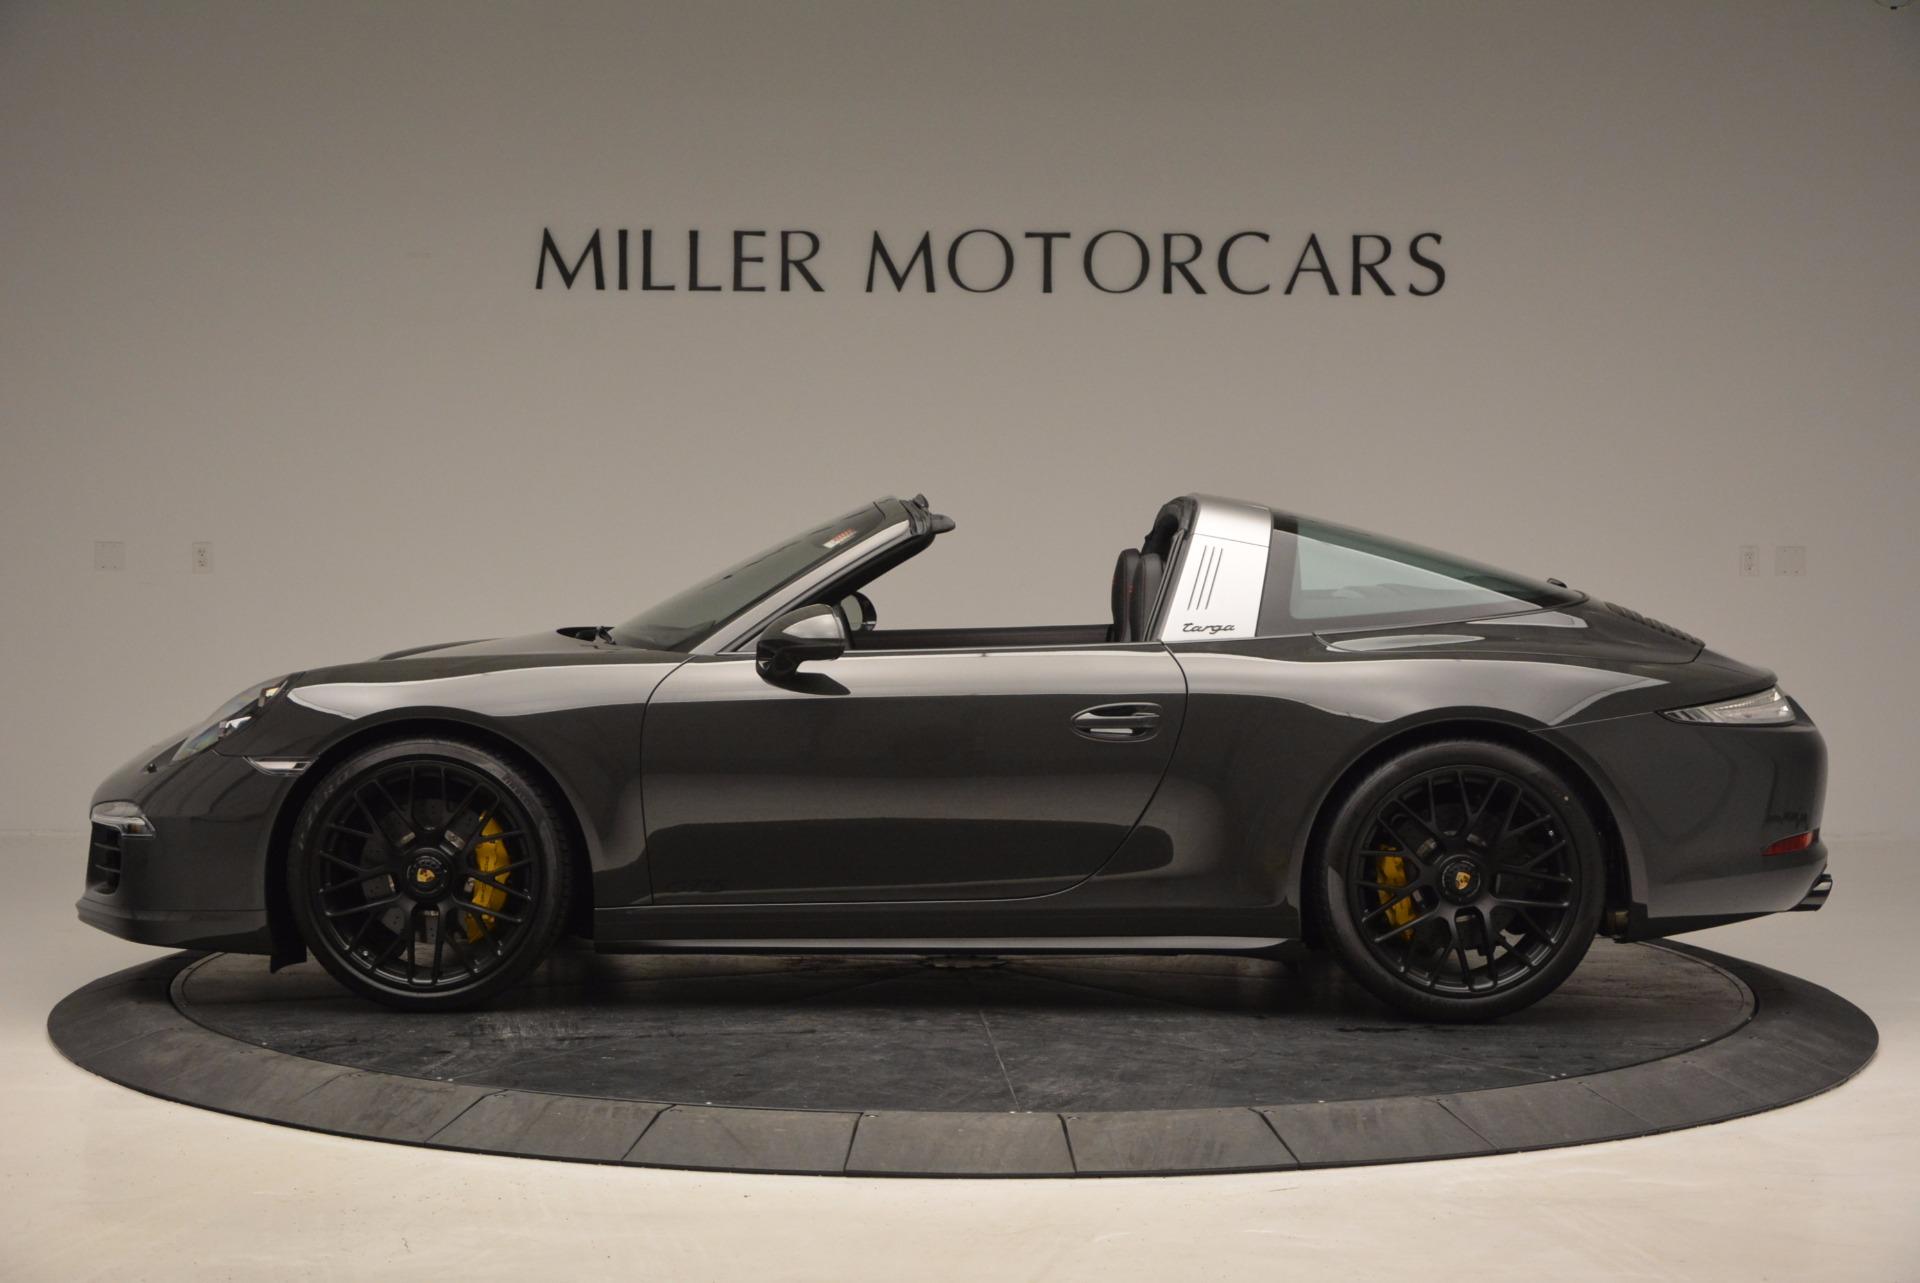 Used 2016 Porsche 911 Targa 4 GTS For Sale In Westport, CT 799_p3